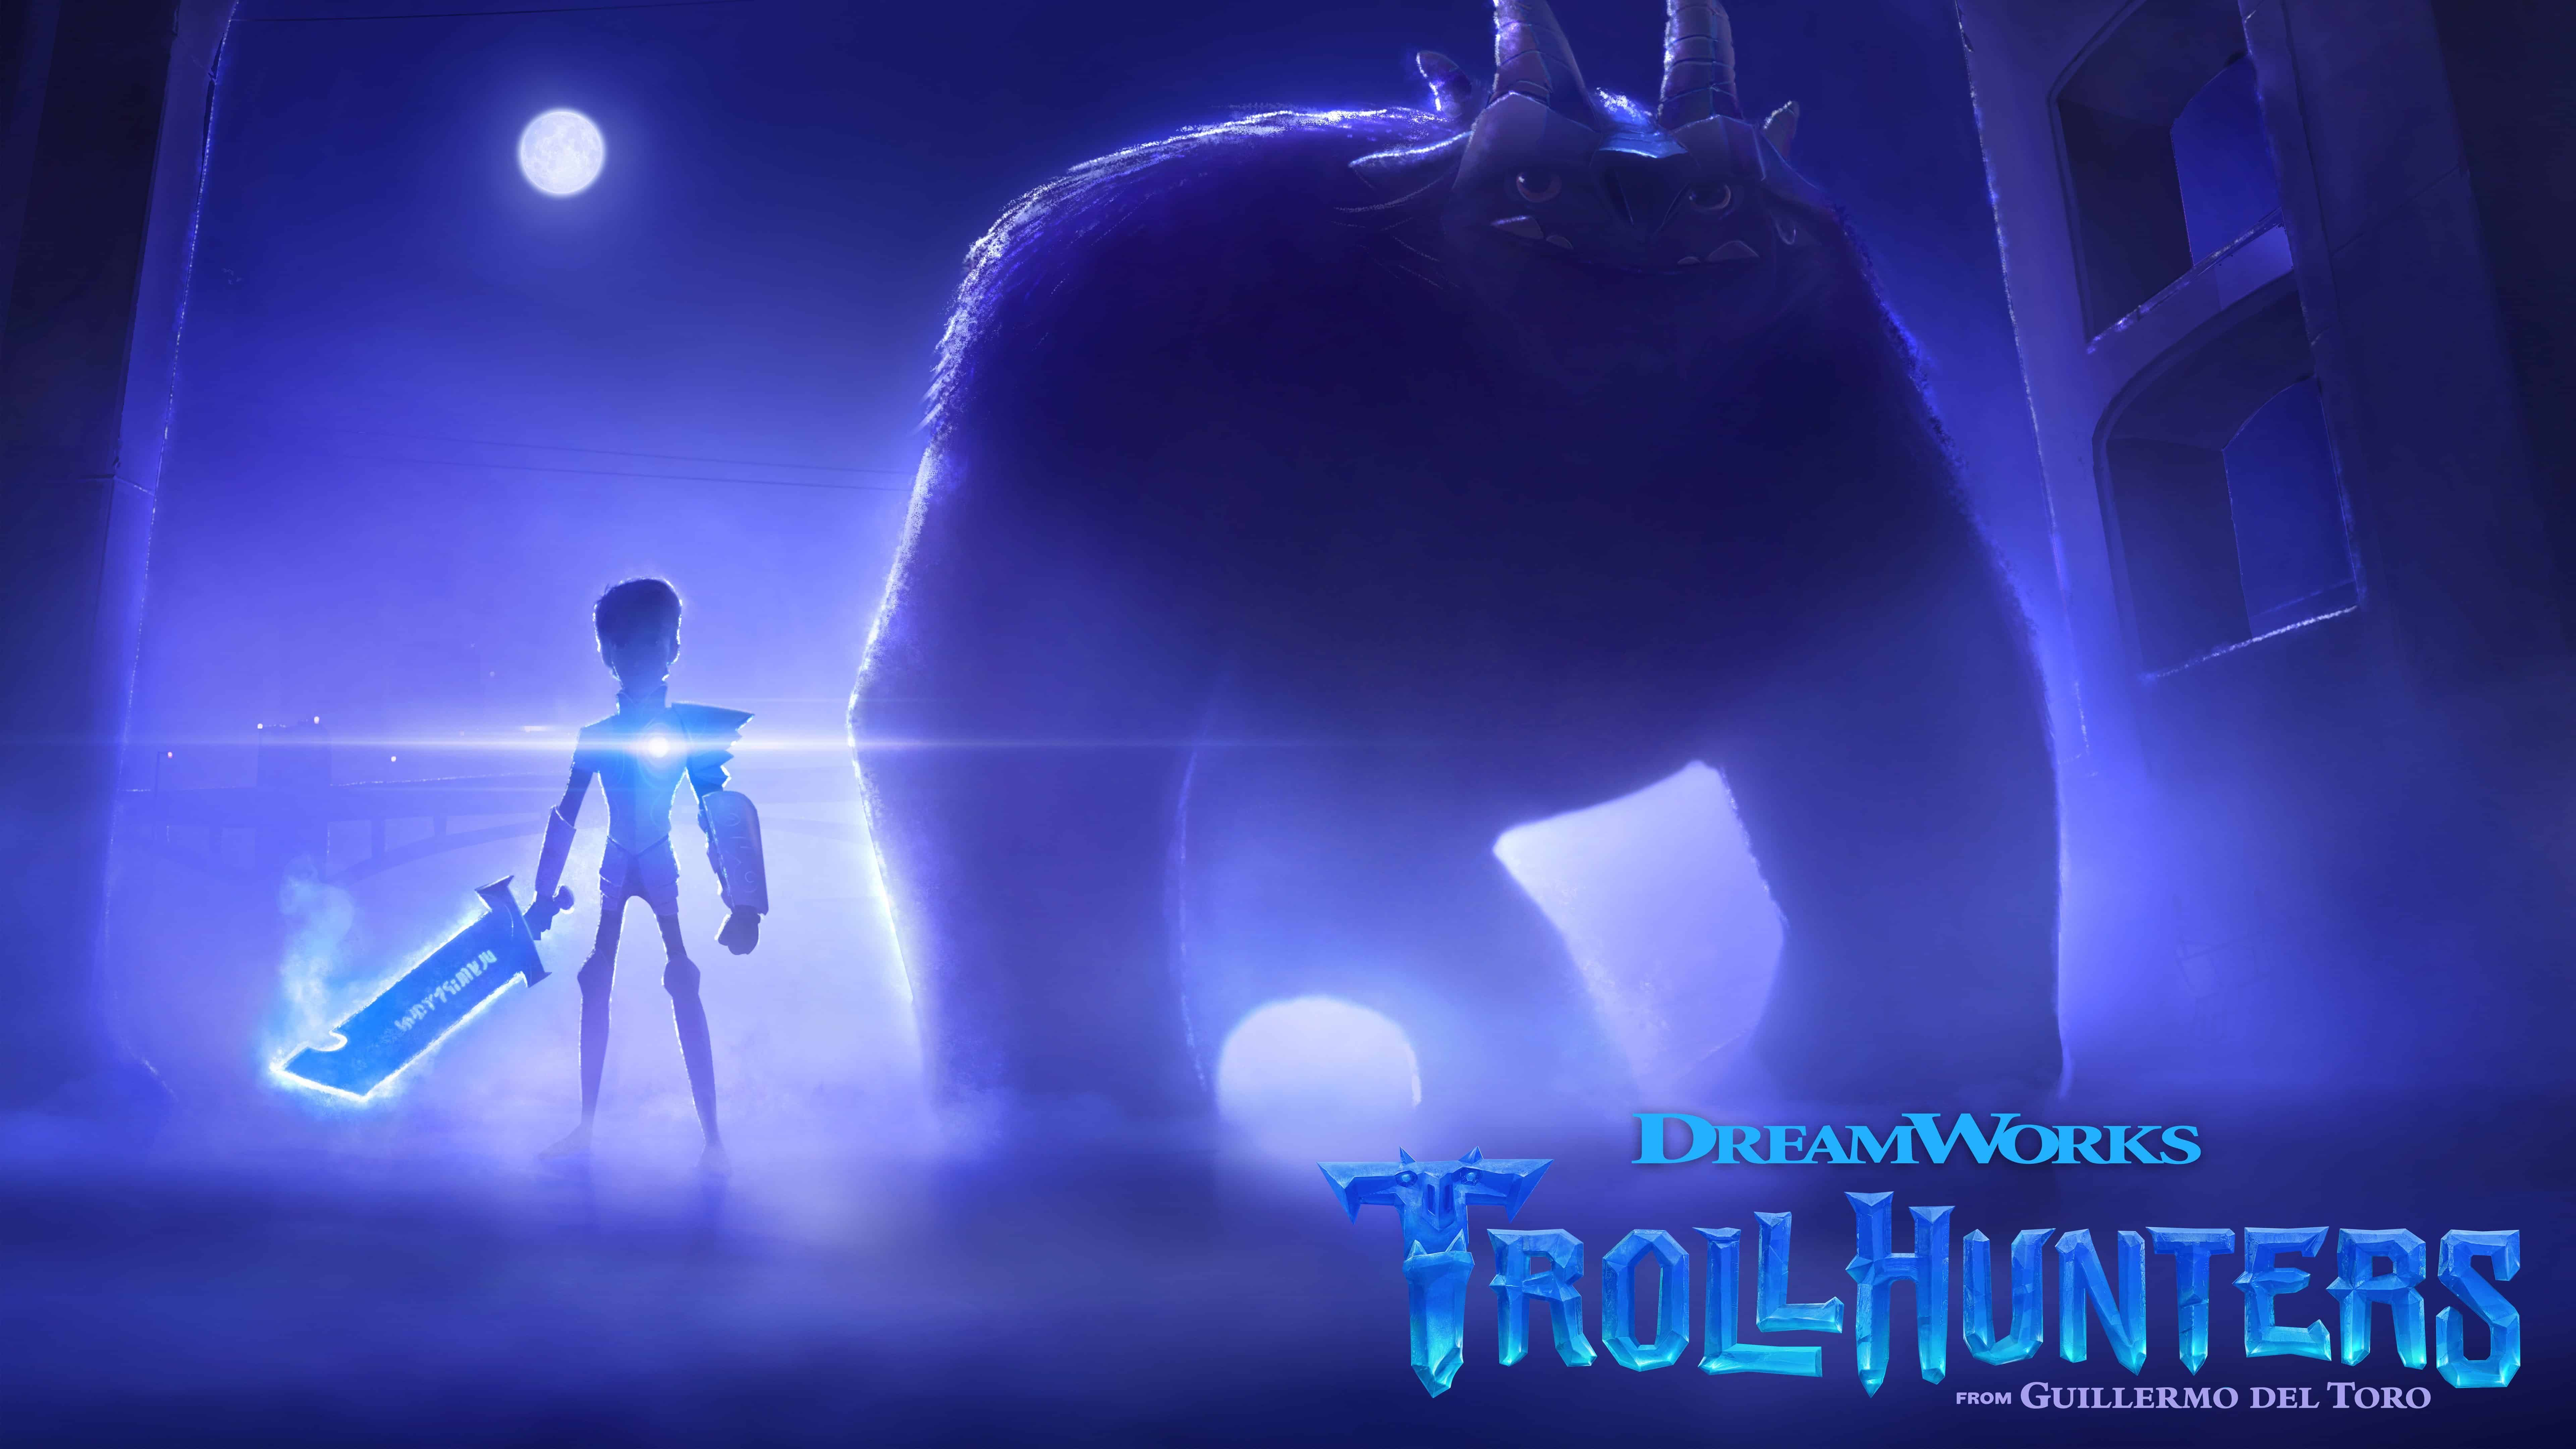 trollhunters uhd 8k wallpaper